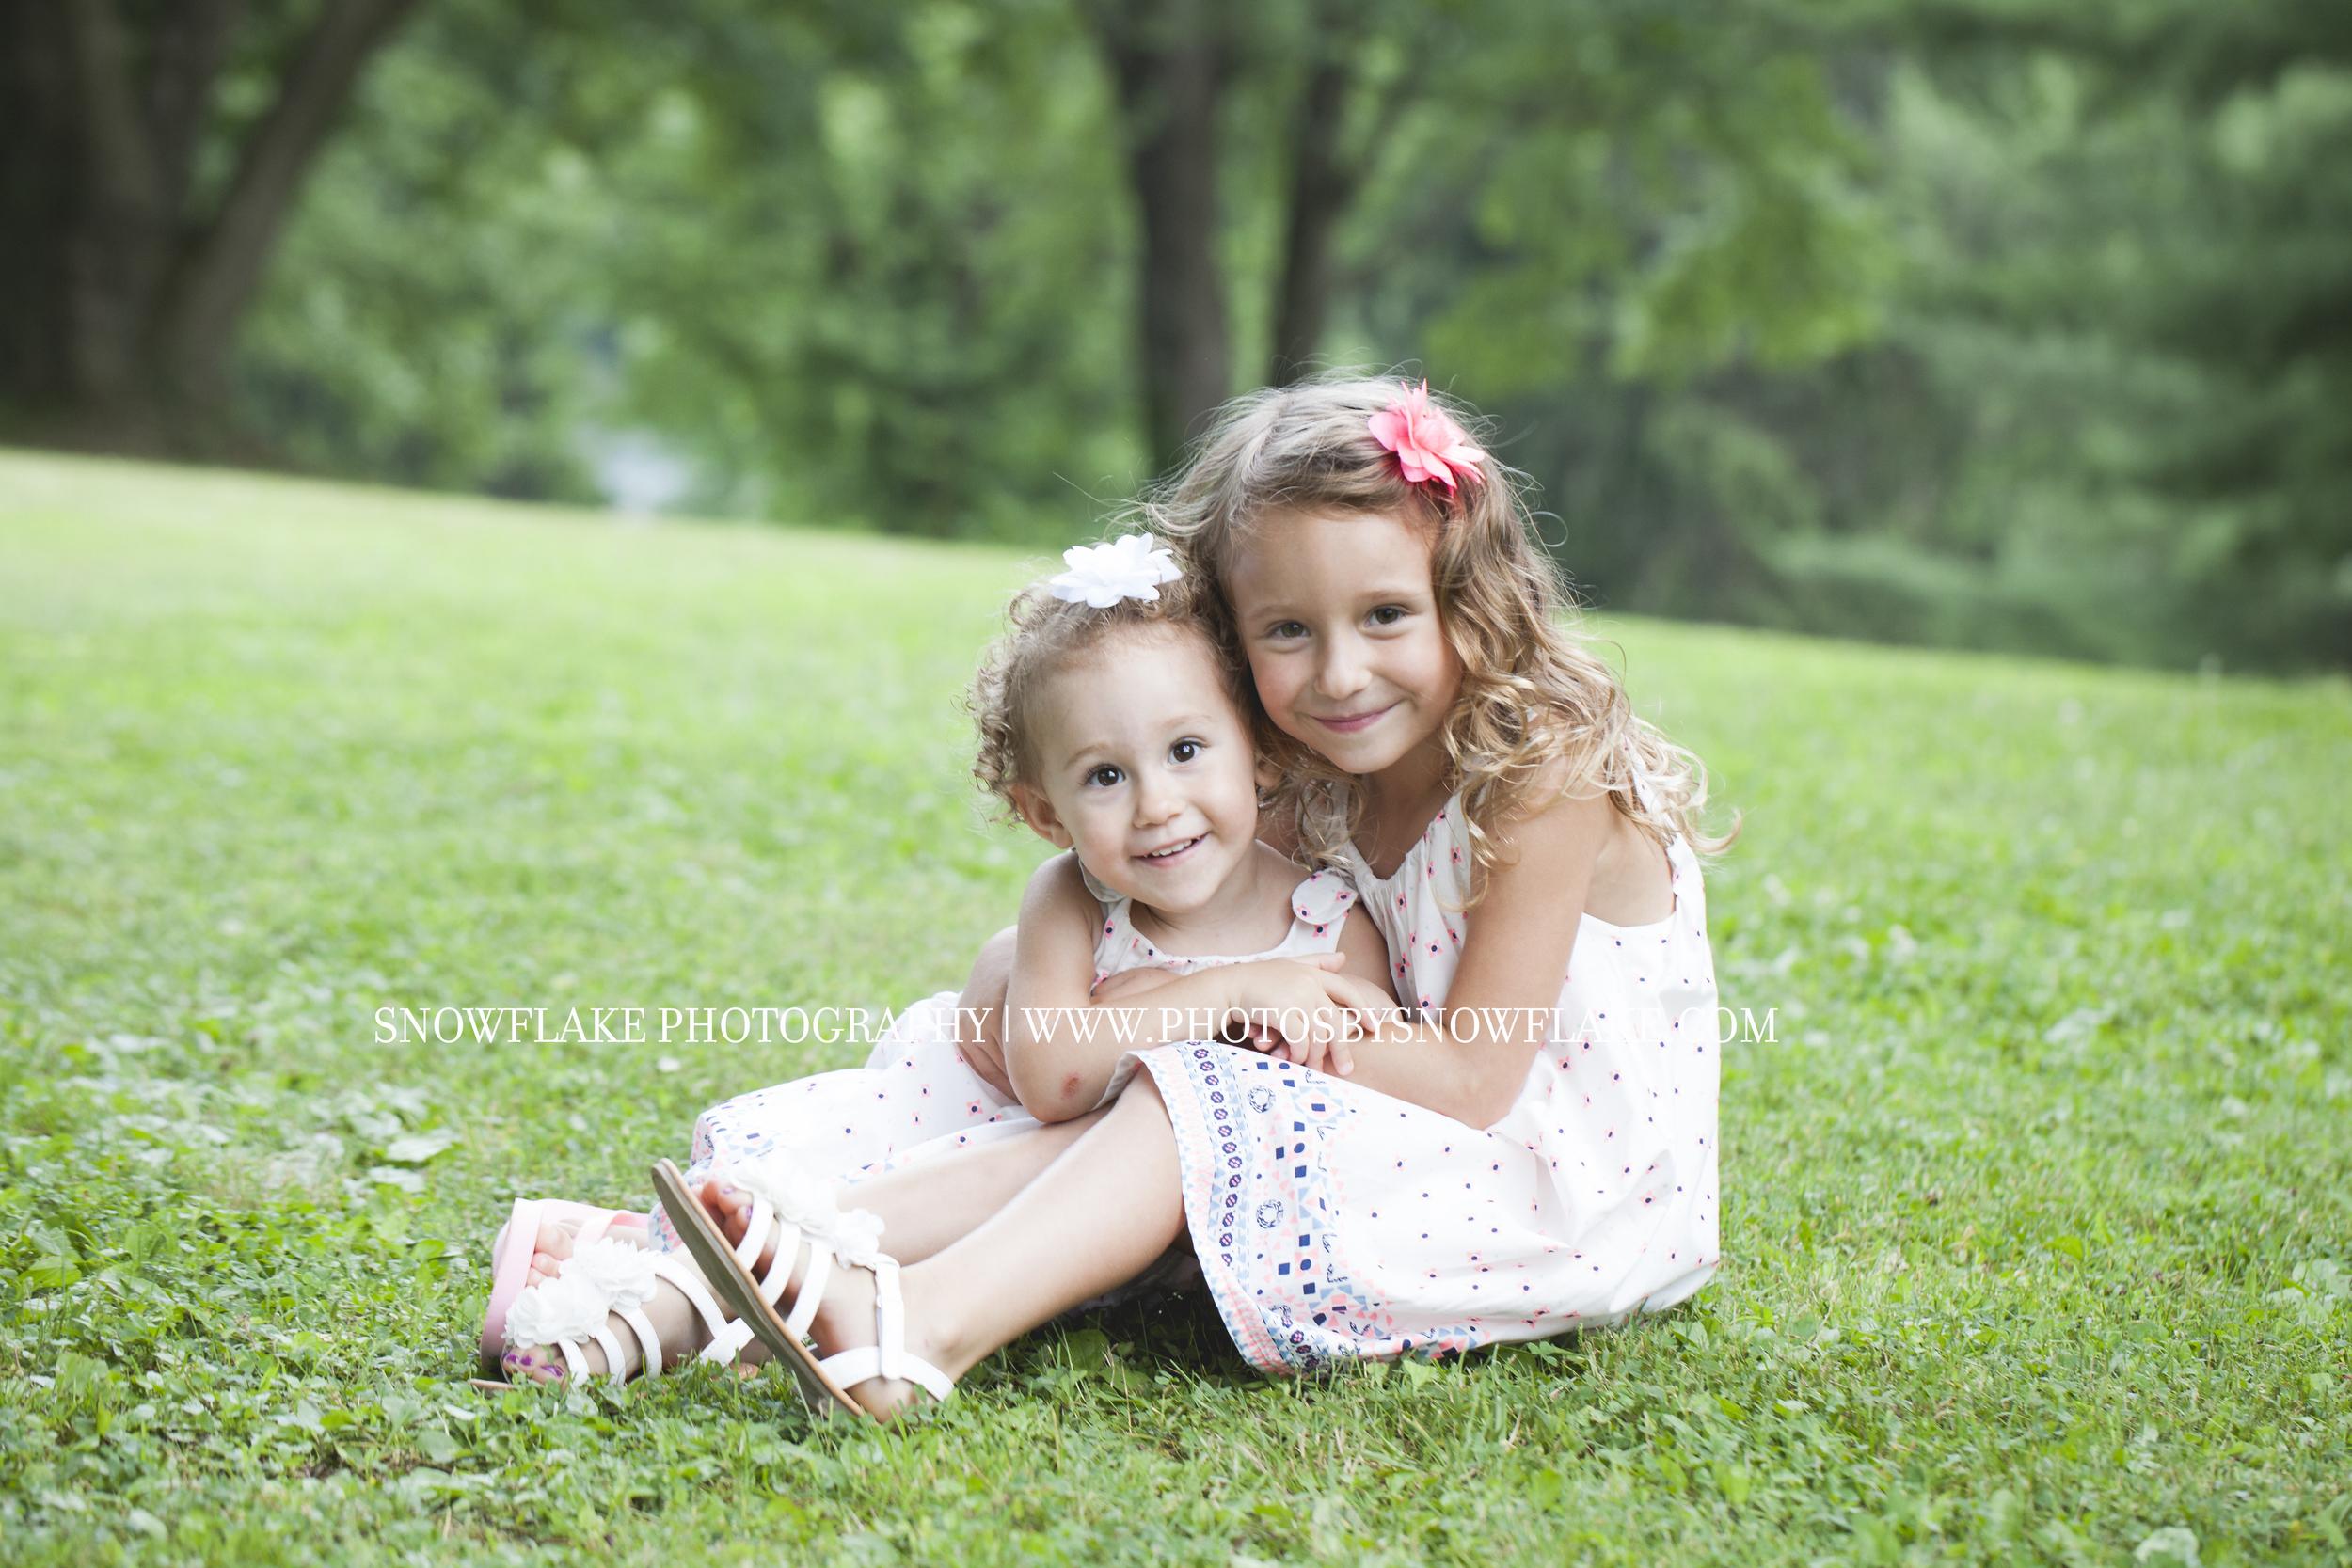 20160707_Lukac family shoot_6179lukac family.jpg